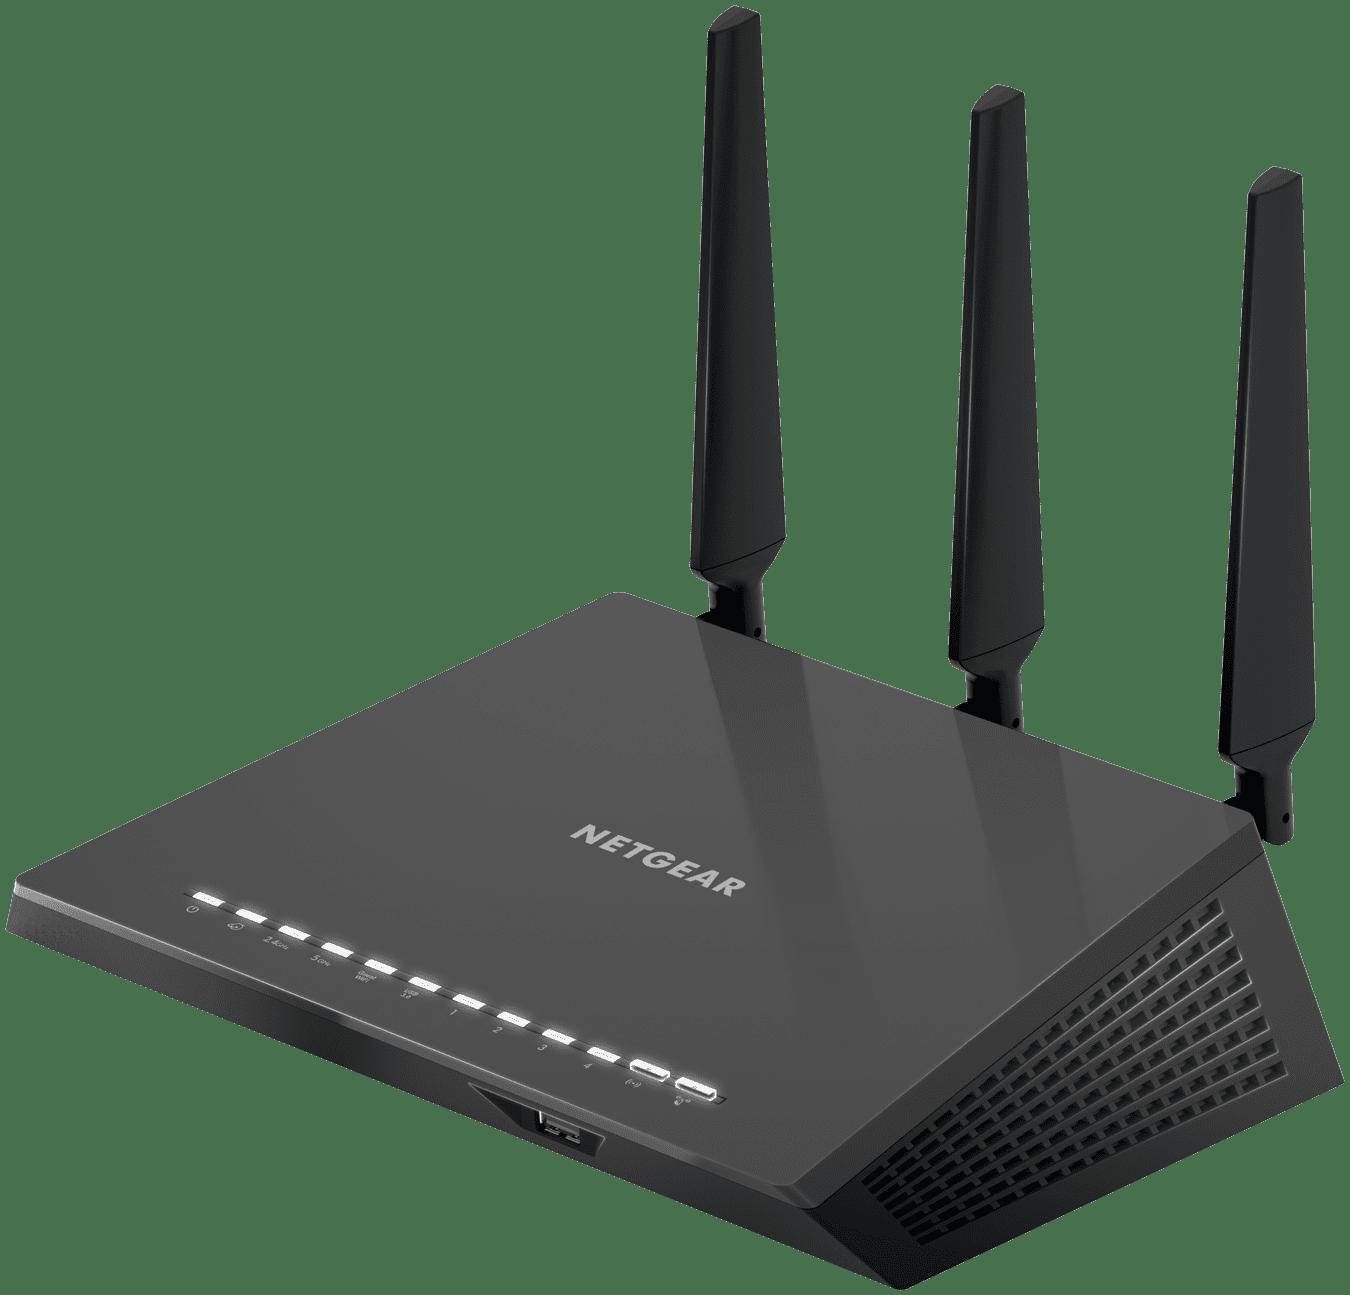 NETGEAR Nighthawk AC2600 Smart WiFi Router (R7450)